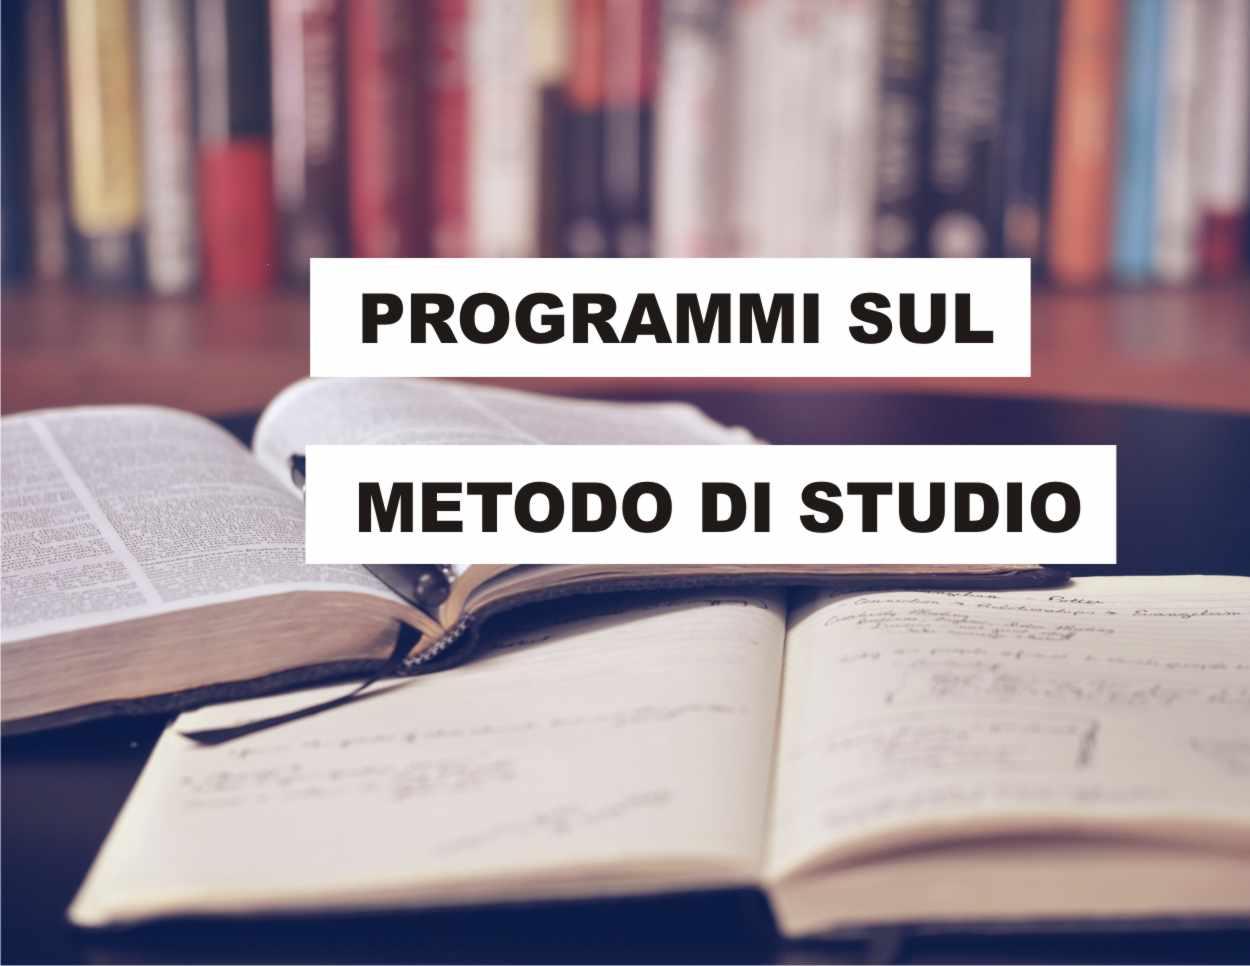 Programmi sul metodo di studio